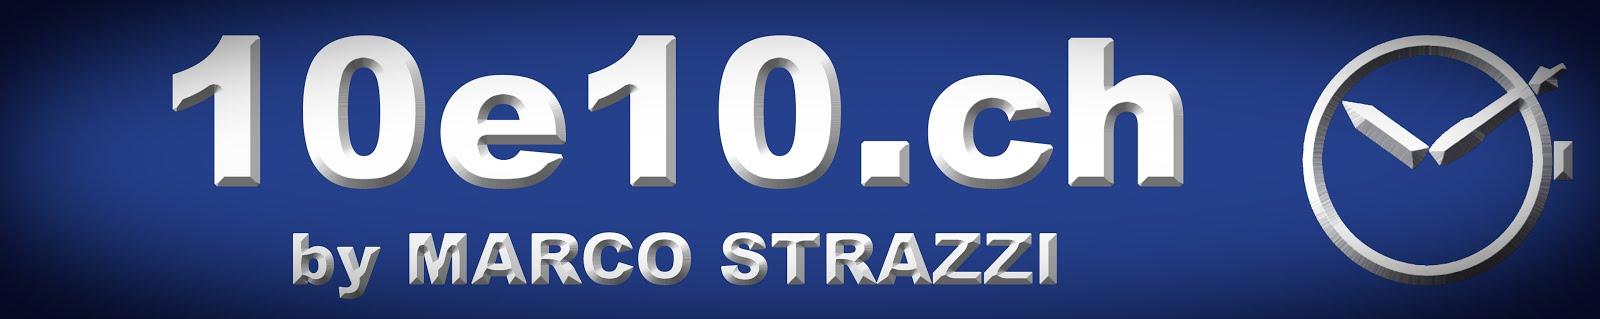 10e10.ch by Marco Strazzi